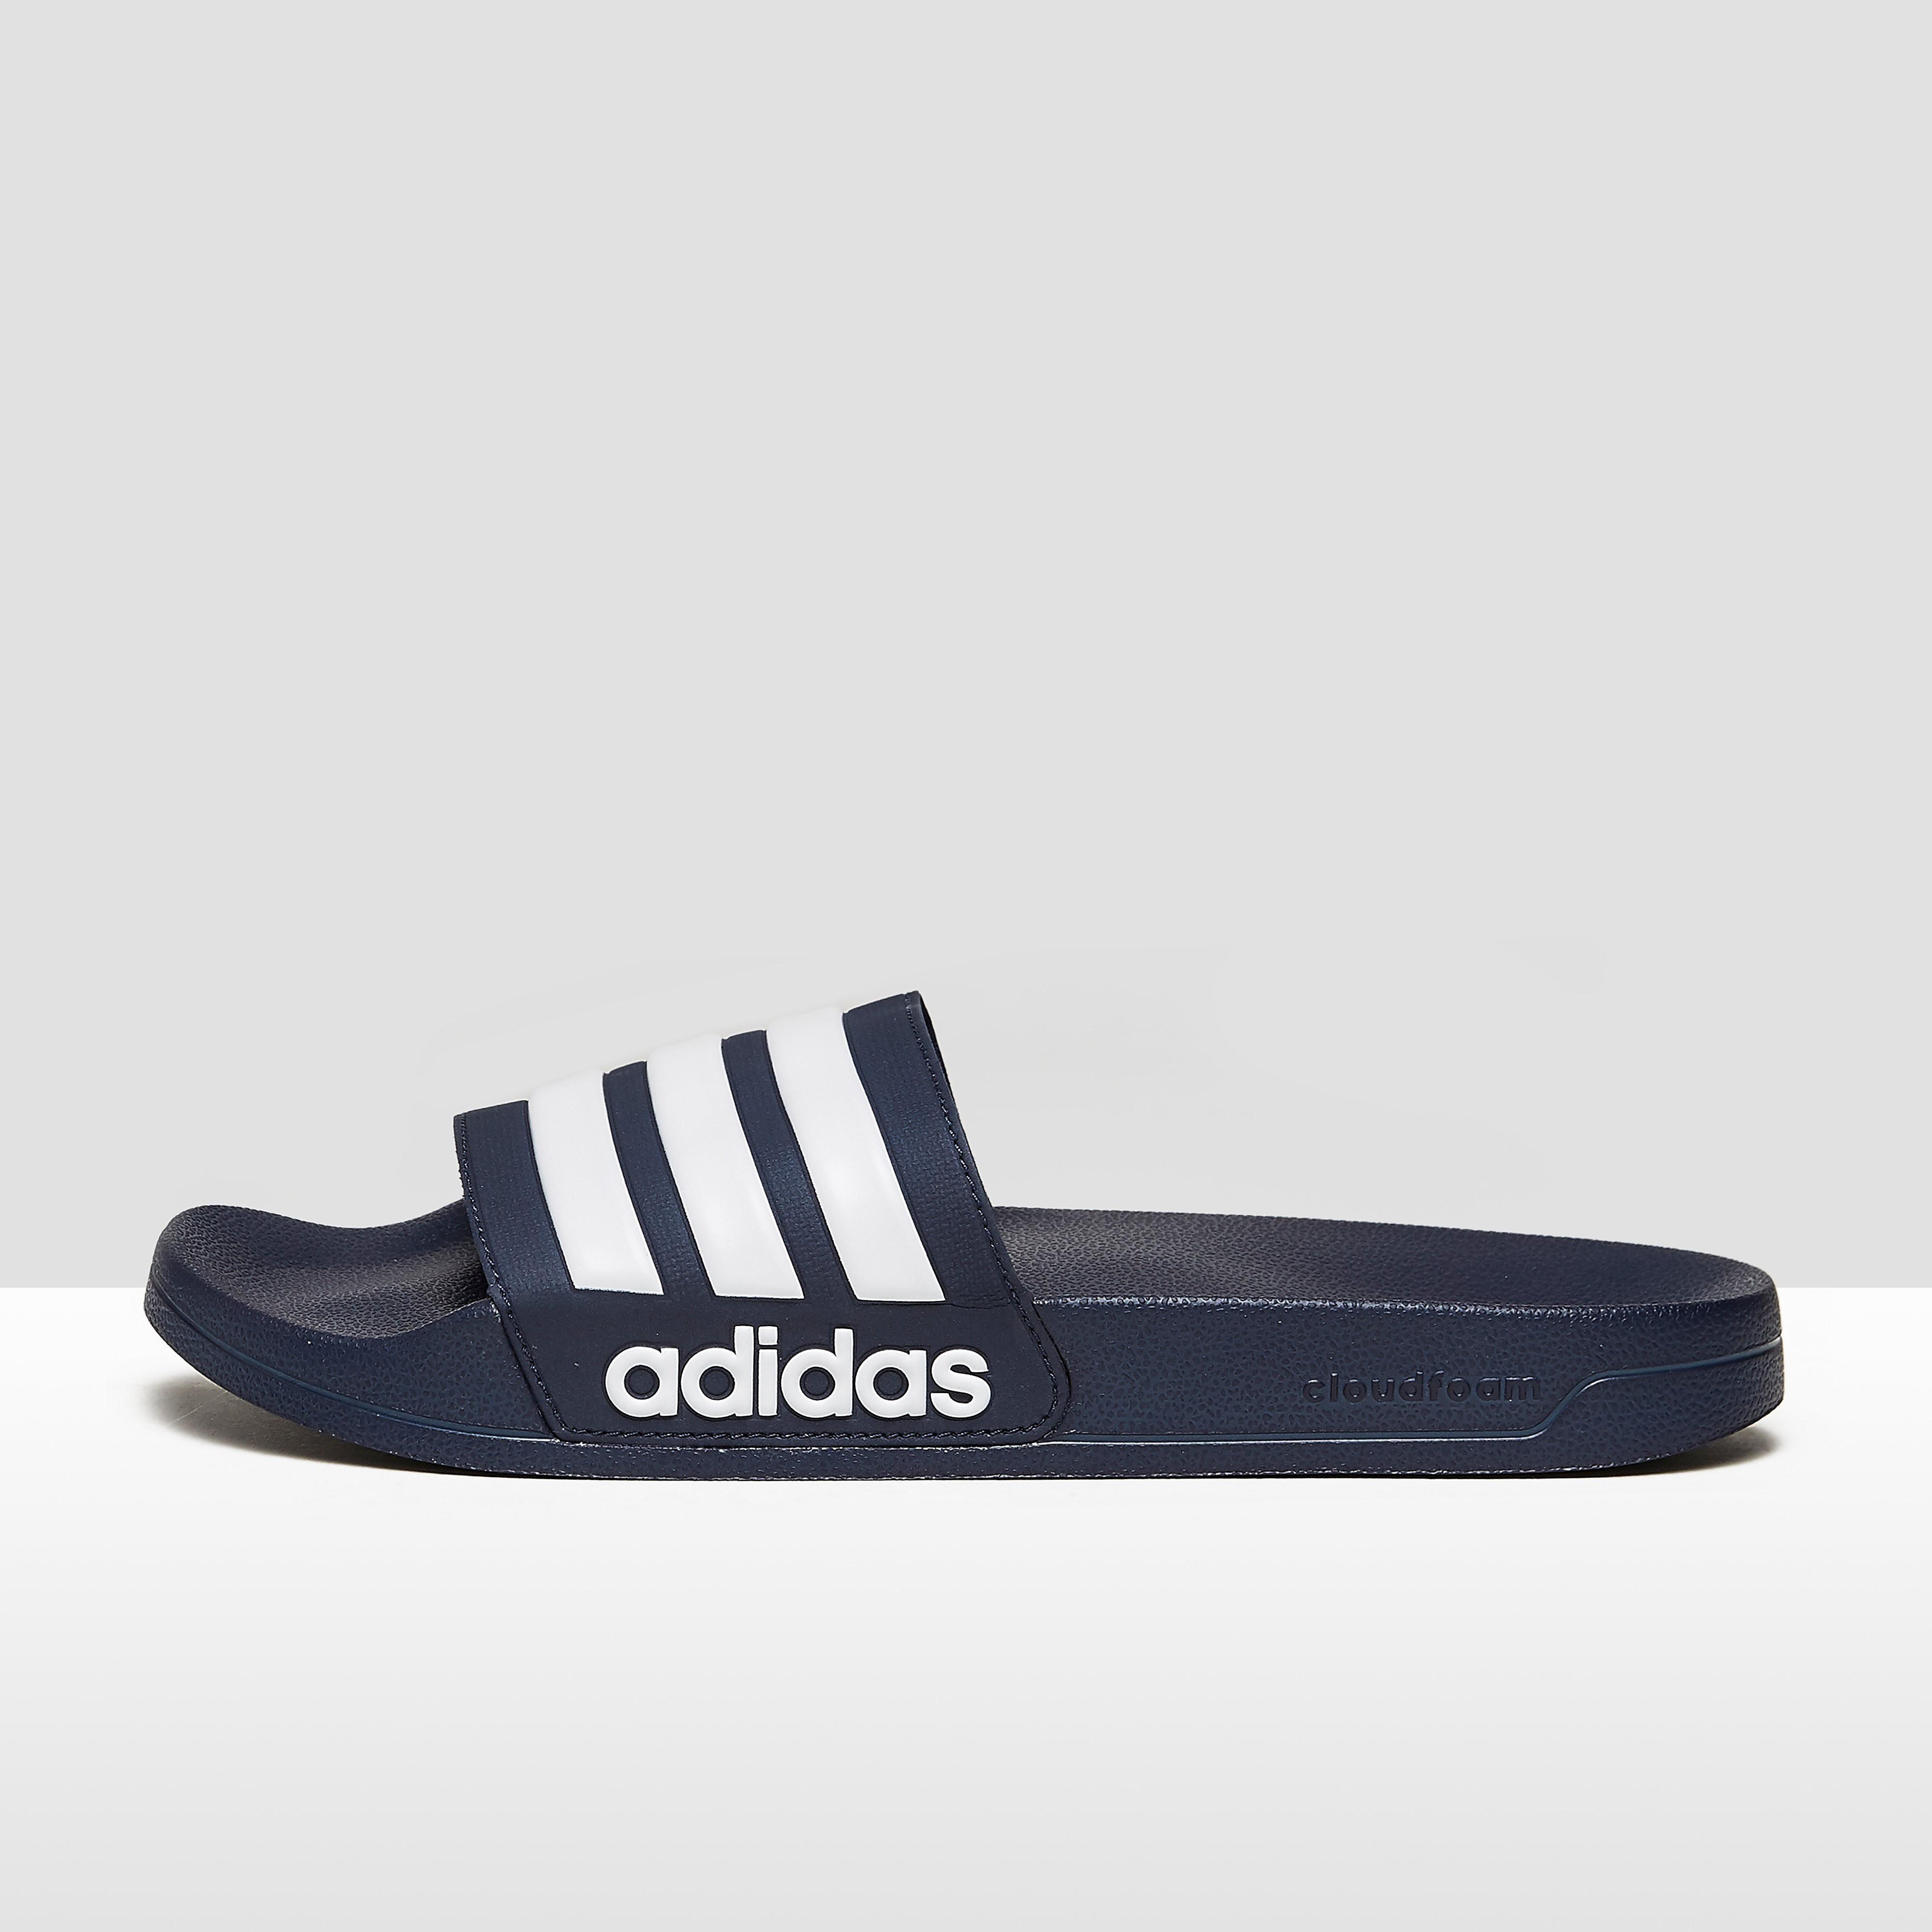 Adidas Adilette herensneaker